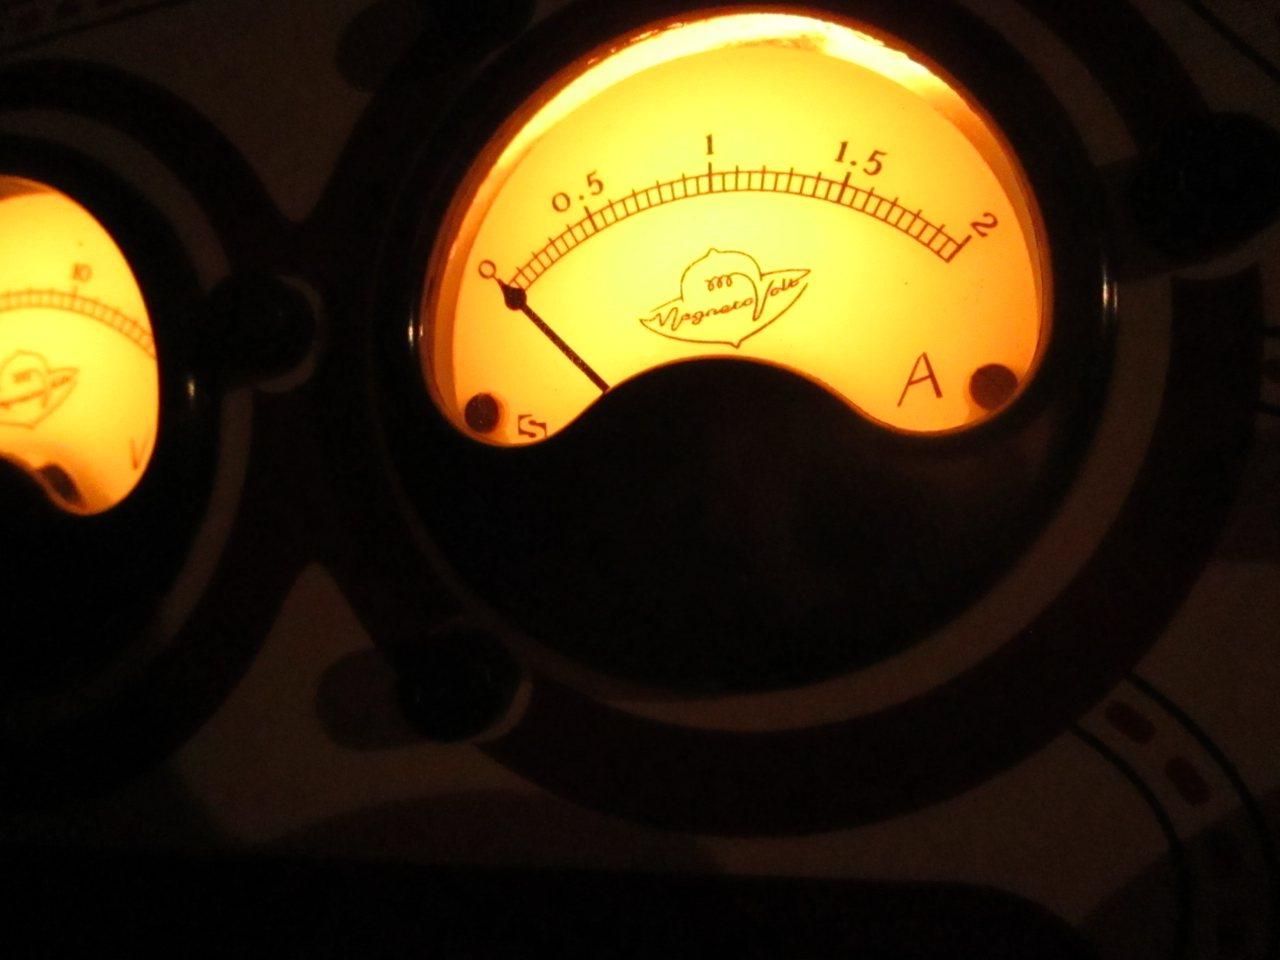 cutting  rack meter